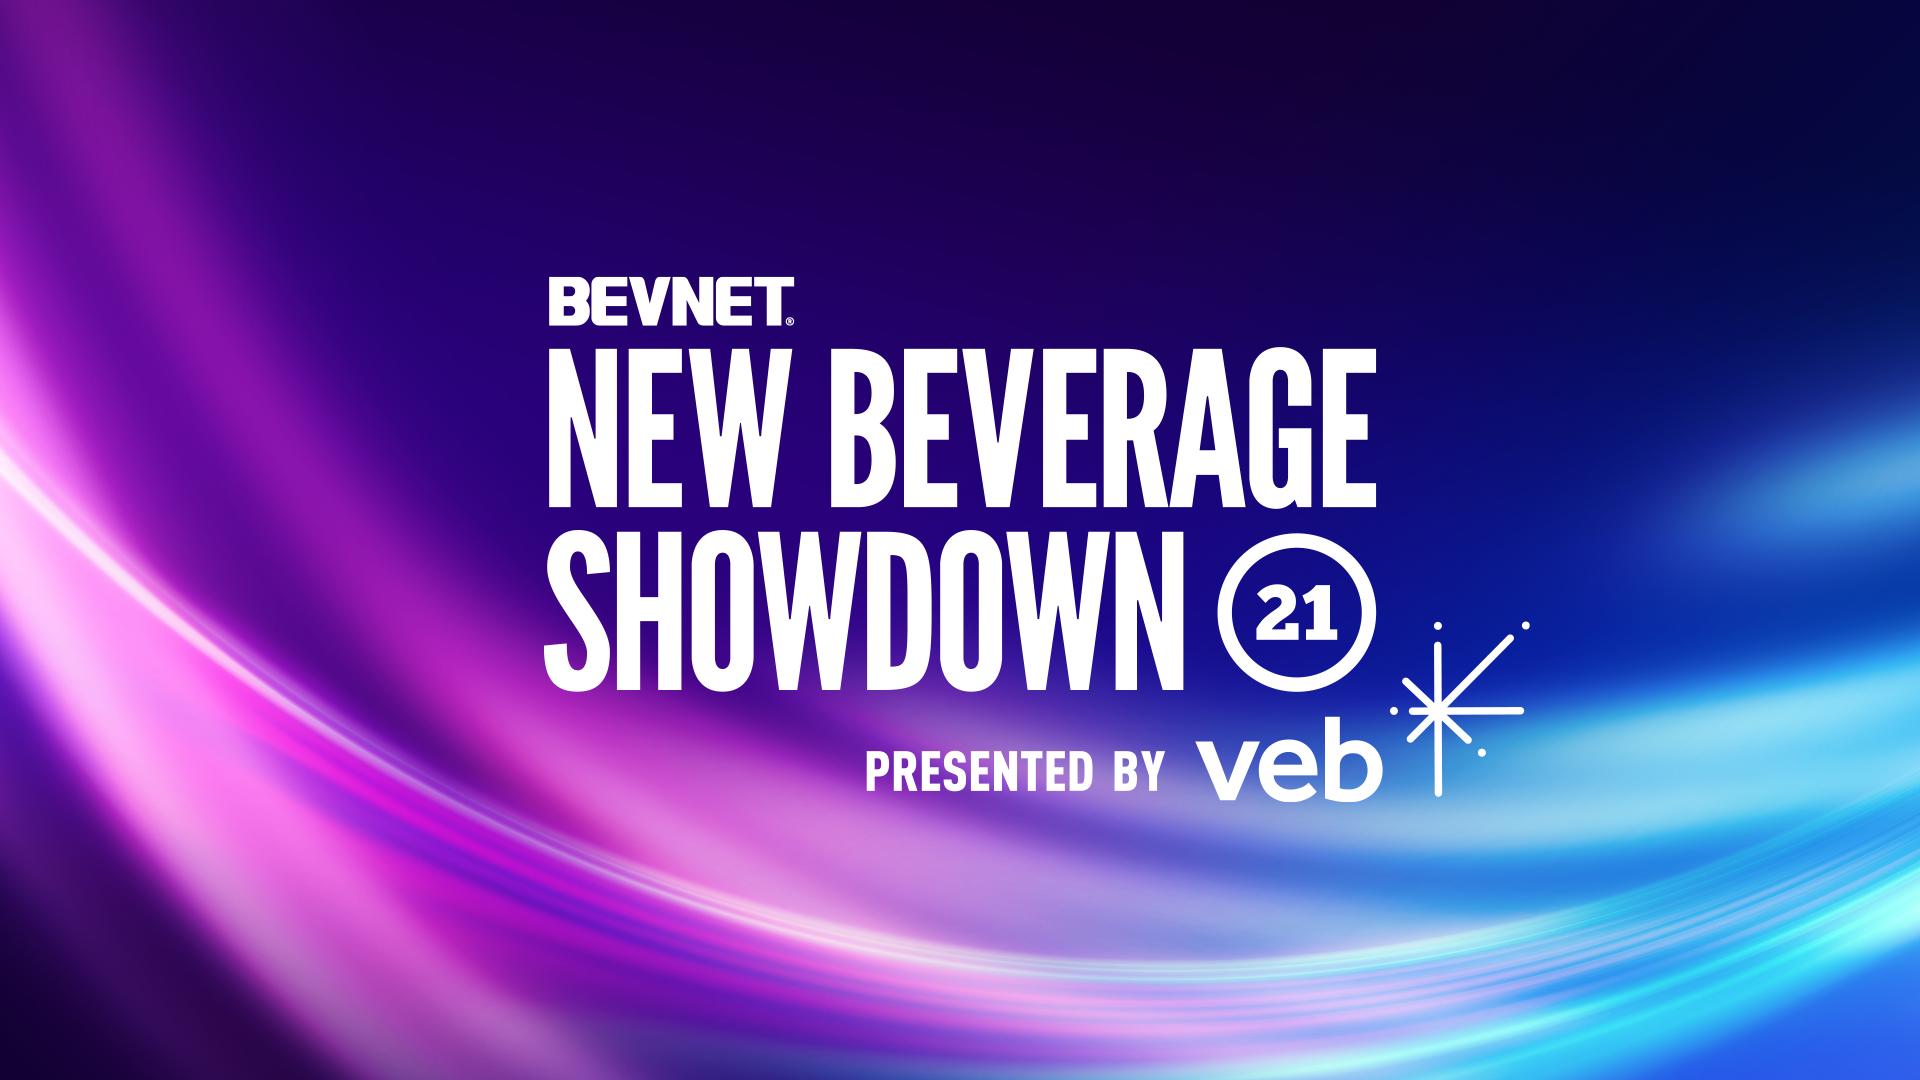 New Beverage Showdown 21